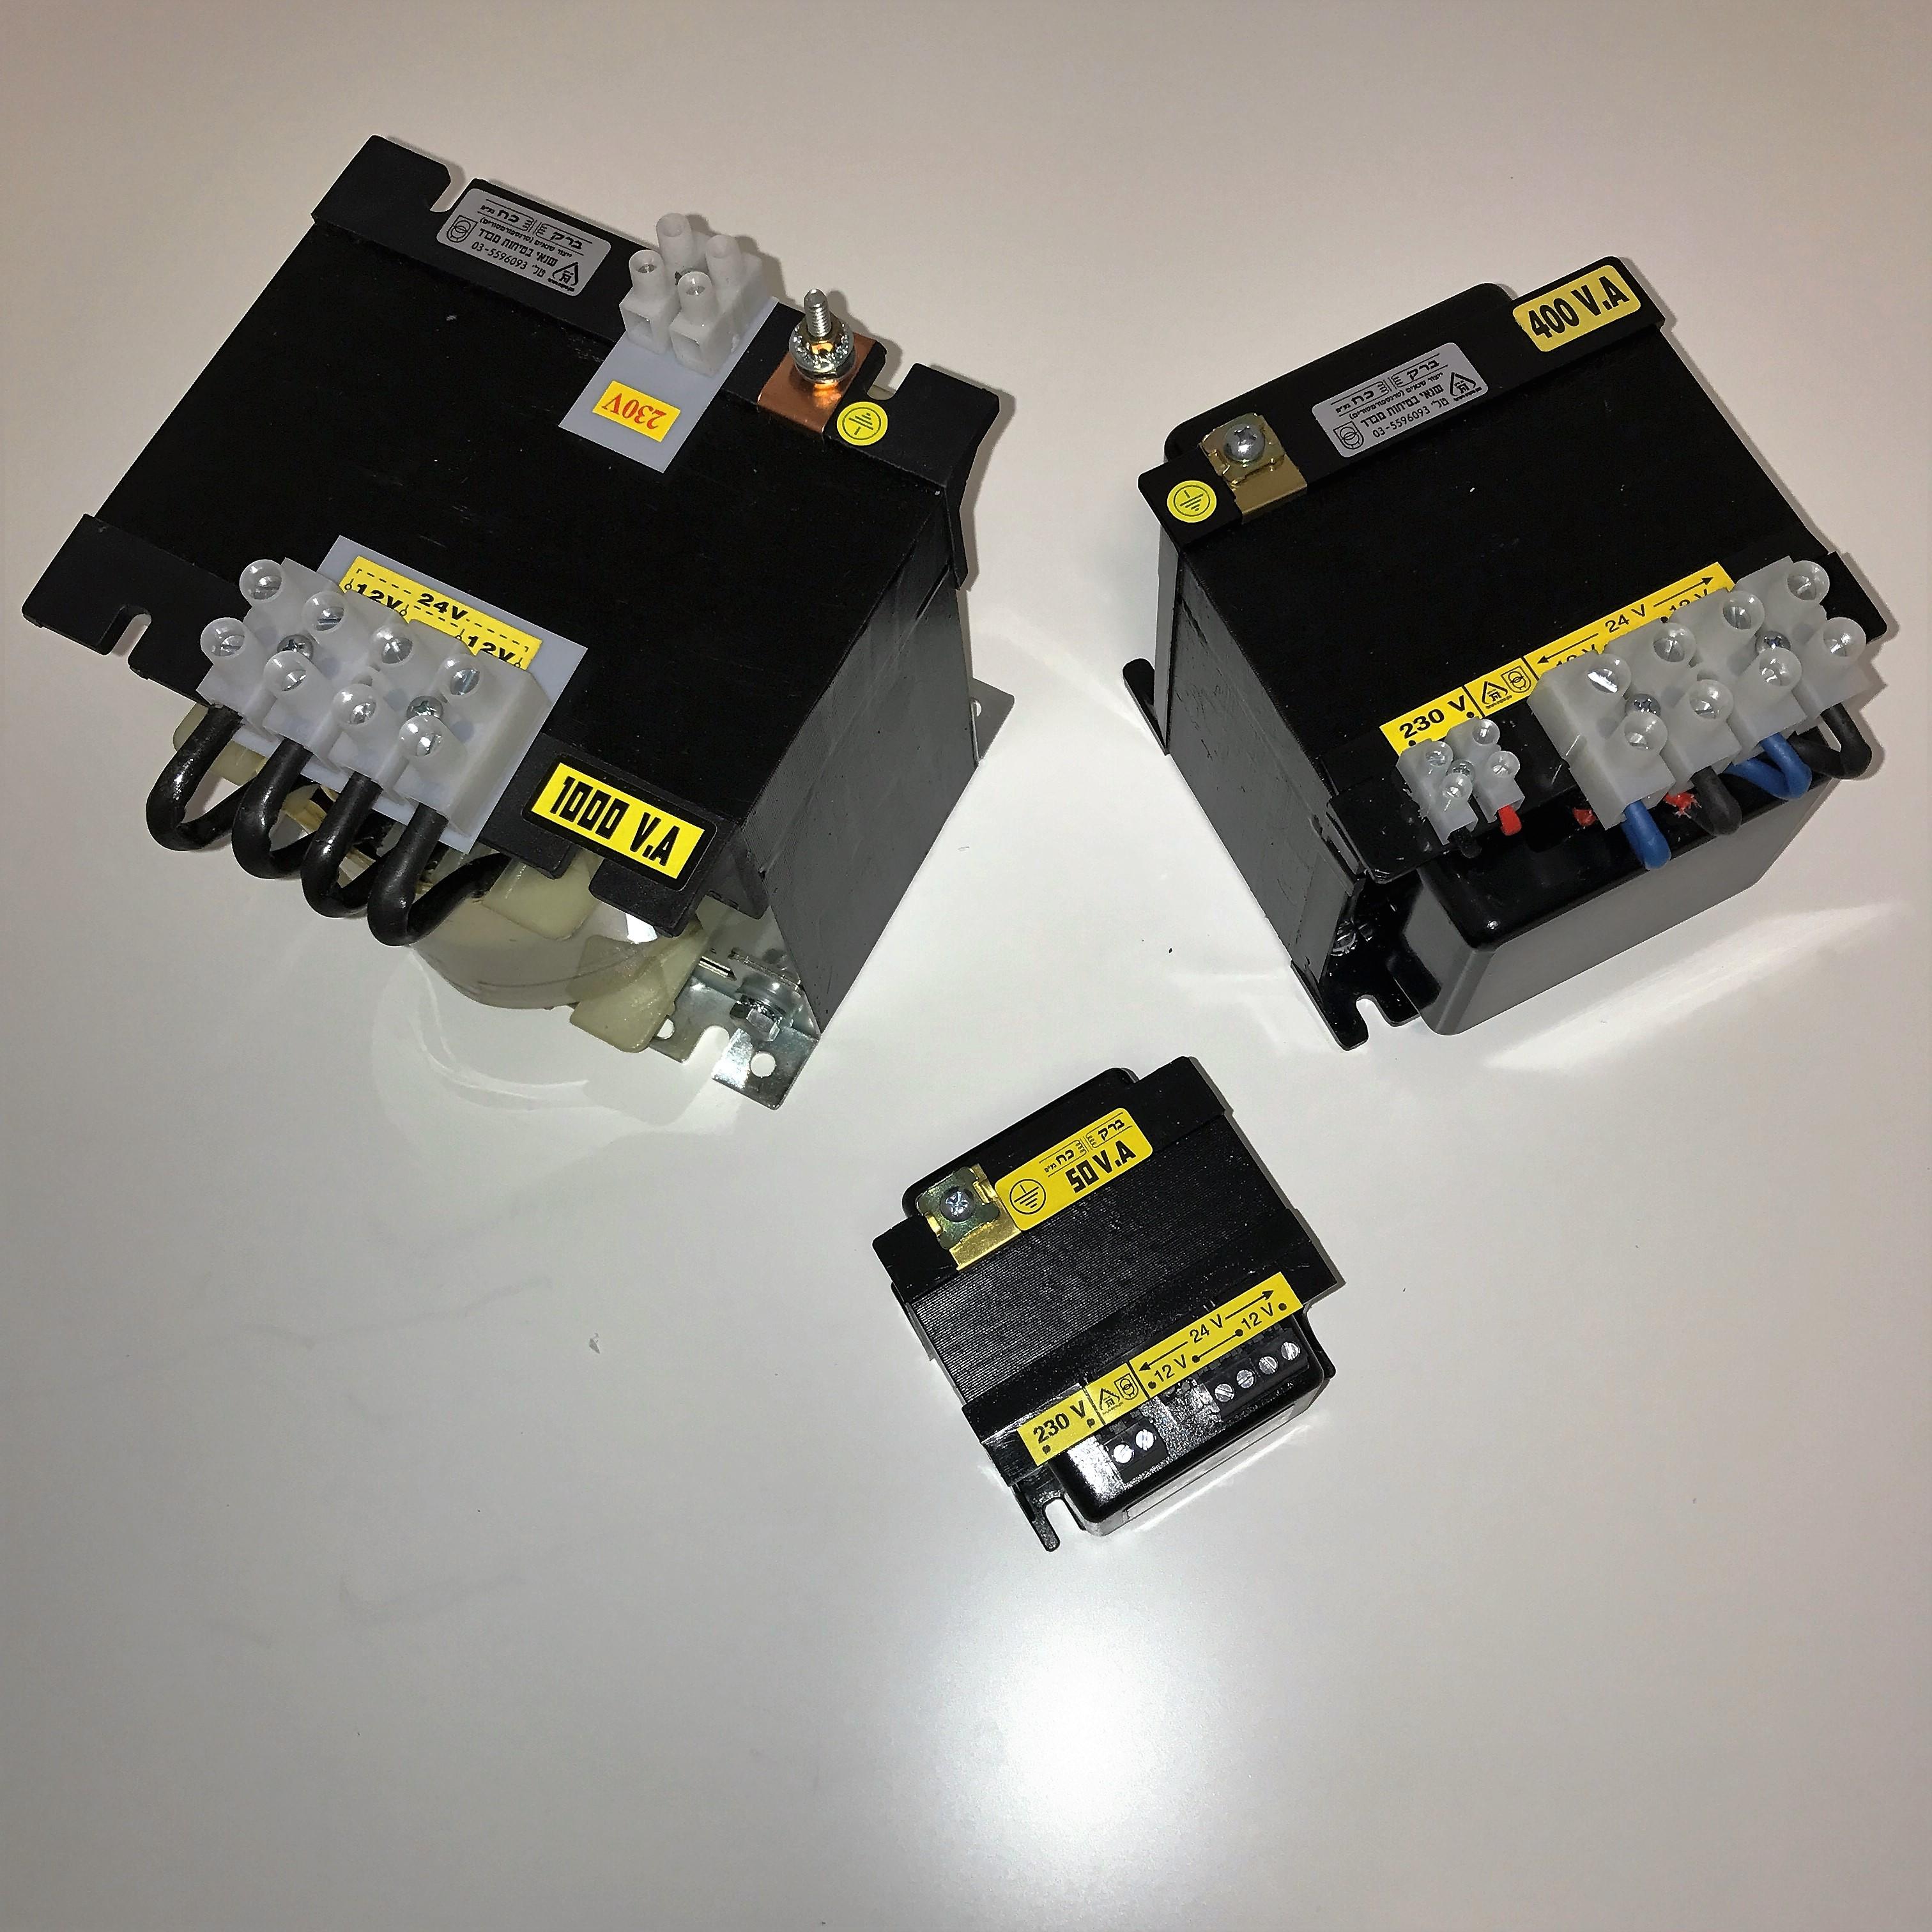 שנאי מבדל בהספק 3000VA במתחים 230V-12V